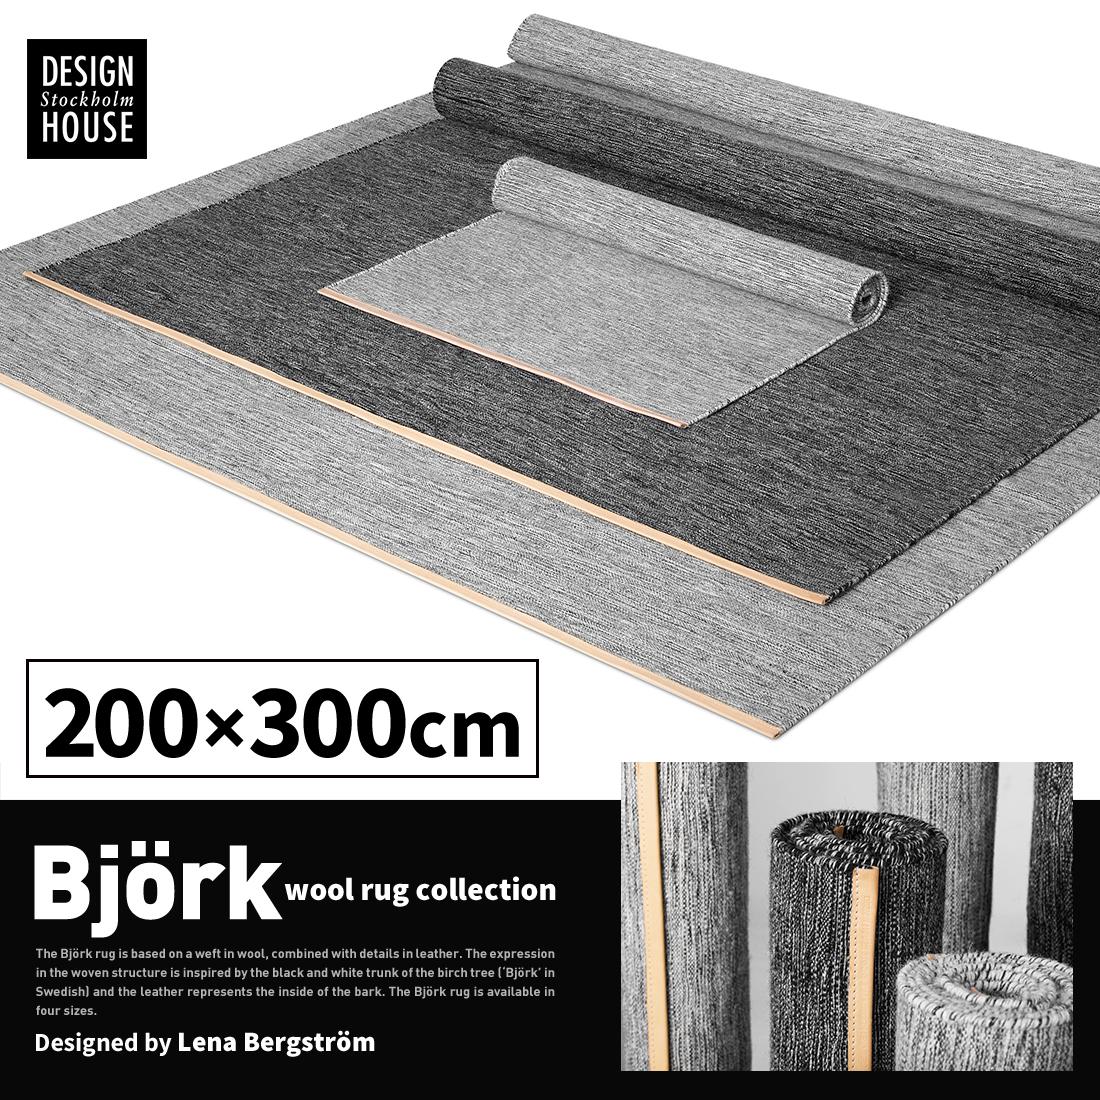 【店舗クーポン発行中】【代引不可】【Design House Stockholm デザインハウス ストックホルム】Bjork rug ラグマット 200×300cmLena Bergstrom 玄関マット キッチンマット ウール 北欧 デンマーク